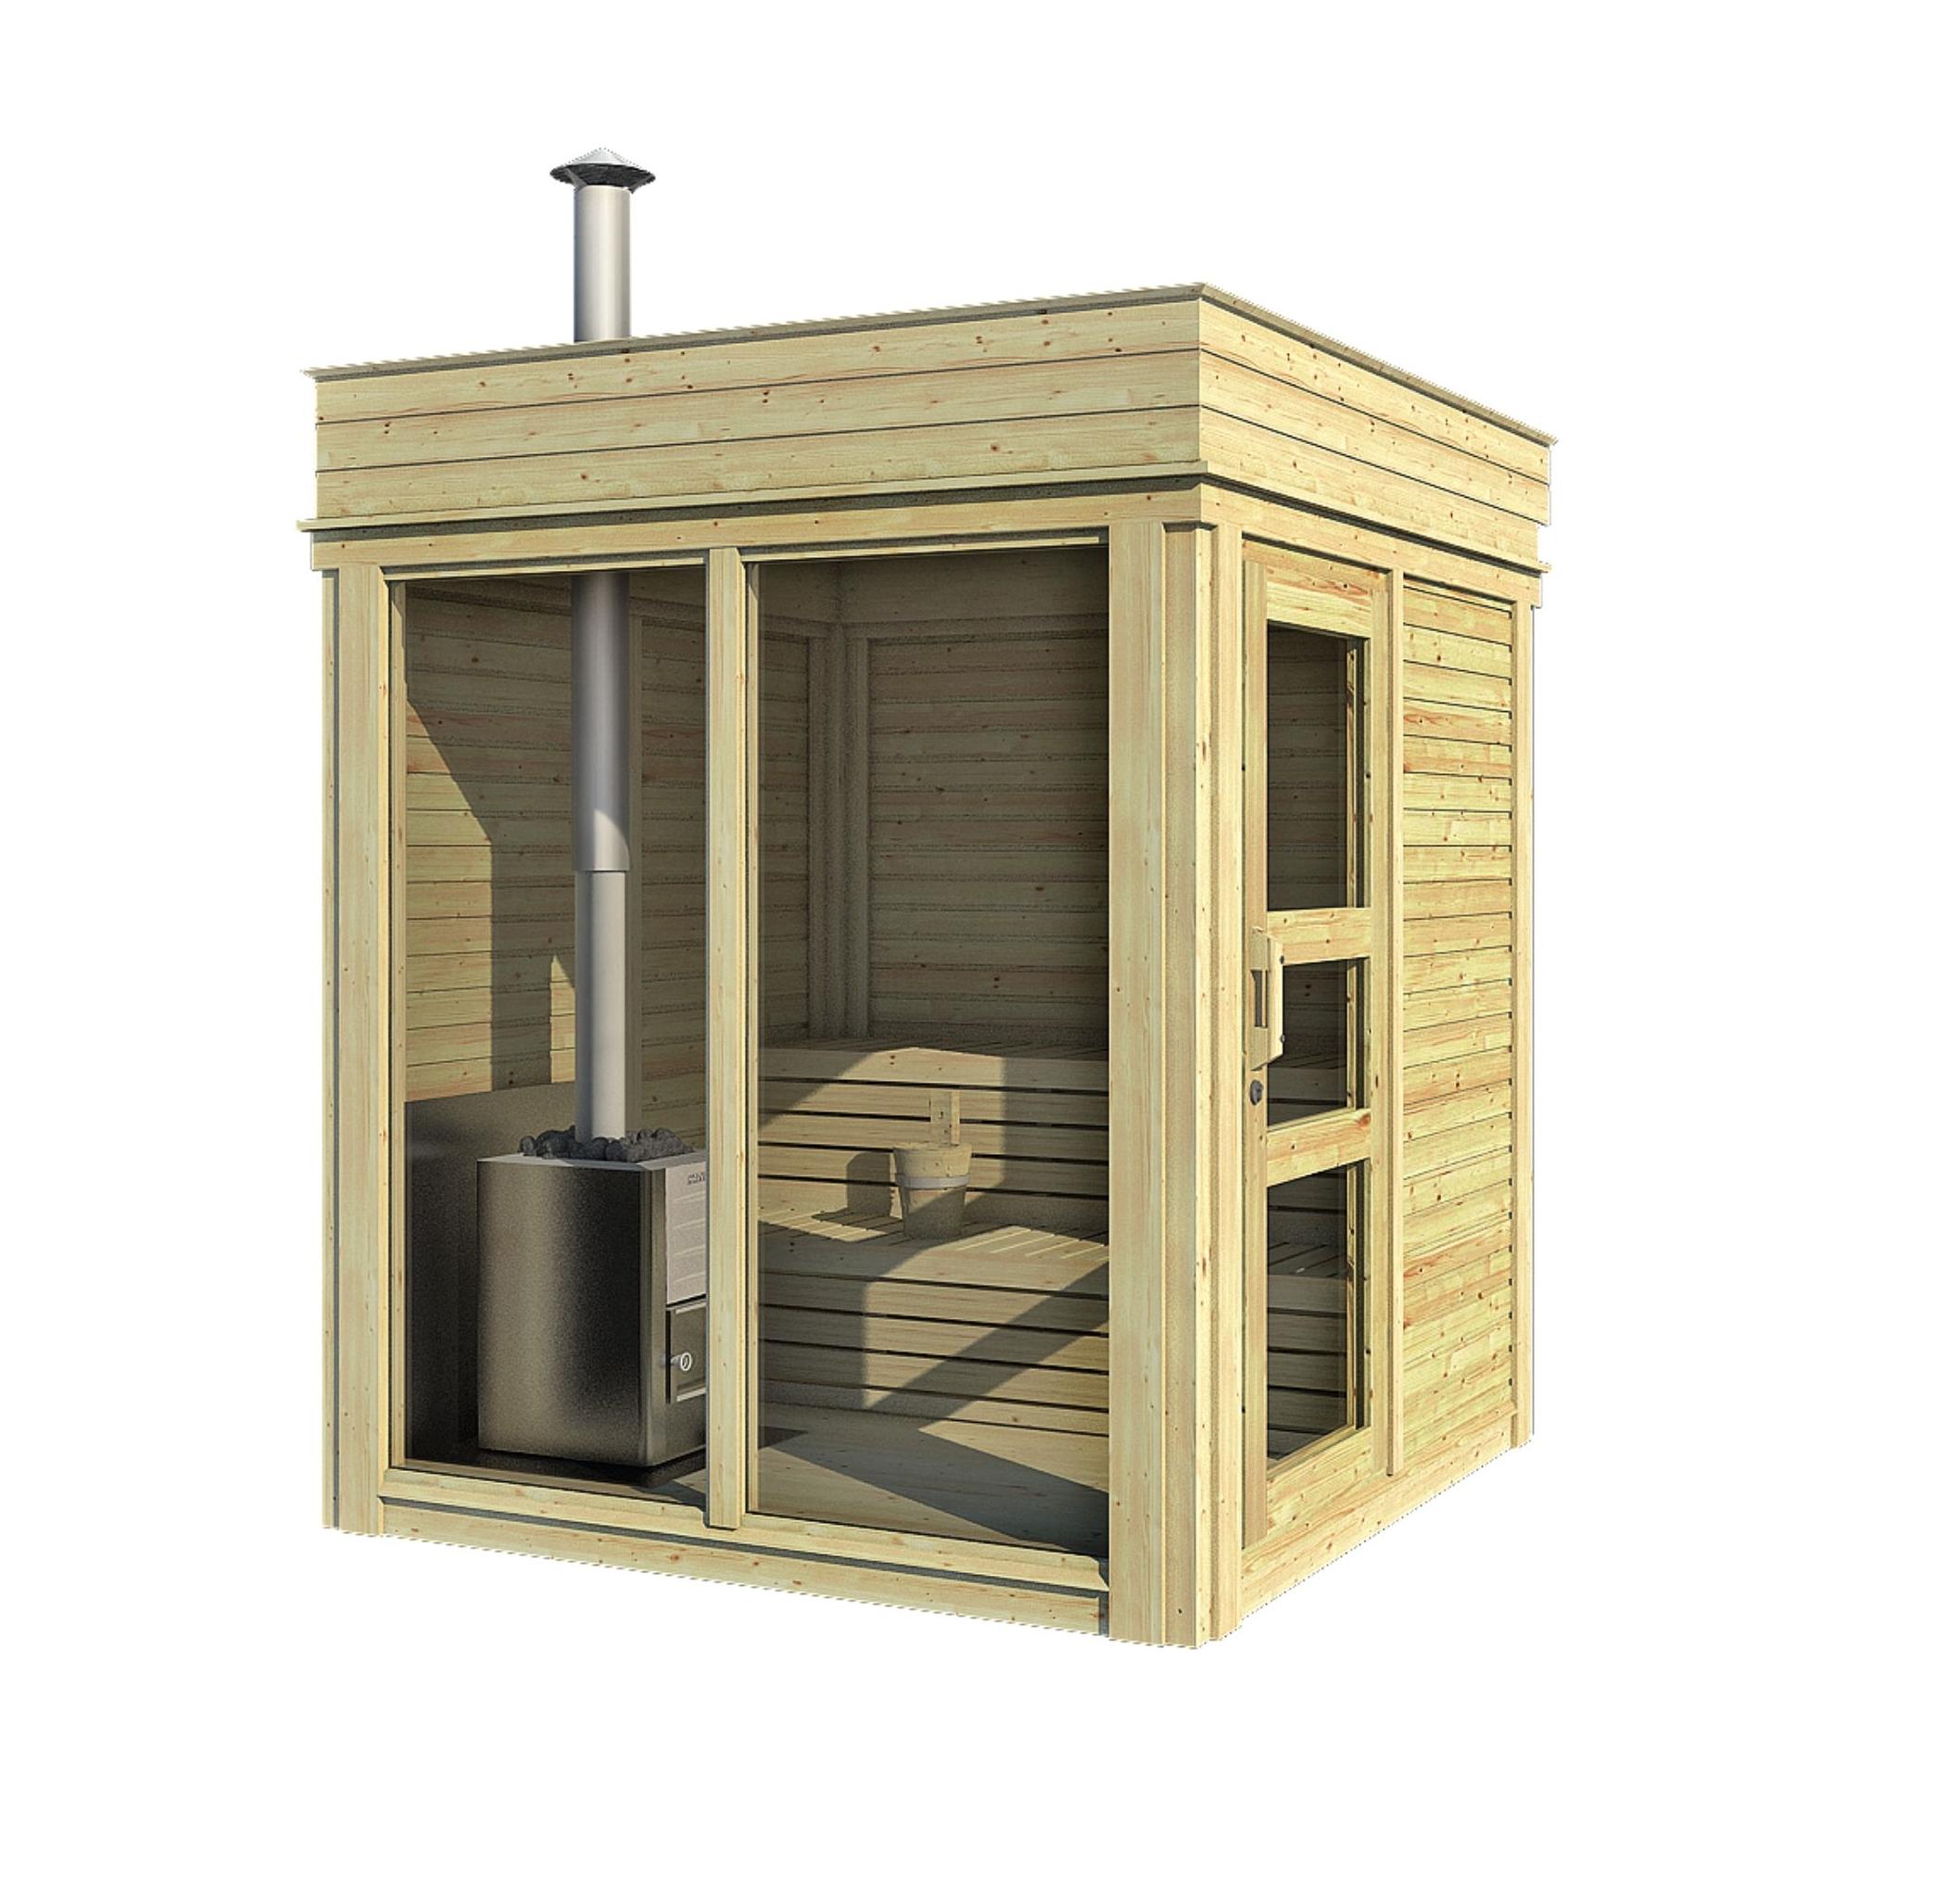 Full Size of Gartensauna Mit Holzofen Sauna Cube 2 M Bett 140x200 Bettkasten Miniküche Kühlschrank Stauraum Einbauküche Elektrogeräten Bad Spiegelschrank Beleuchtung Wohnzimmer Gartensauna Mit Holzofen